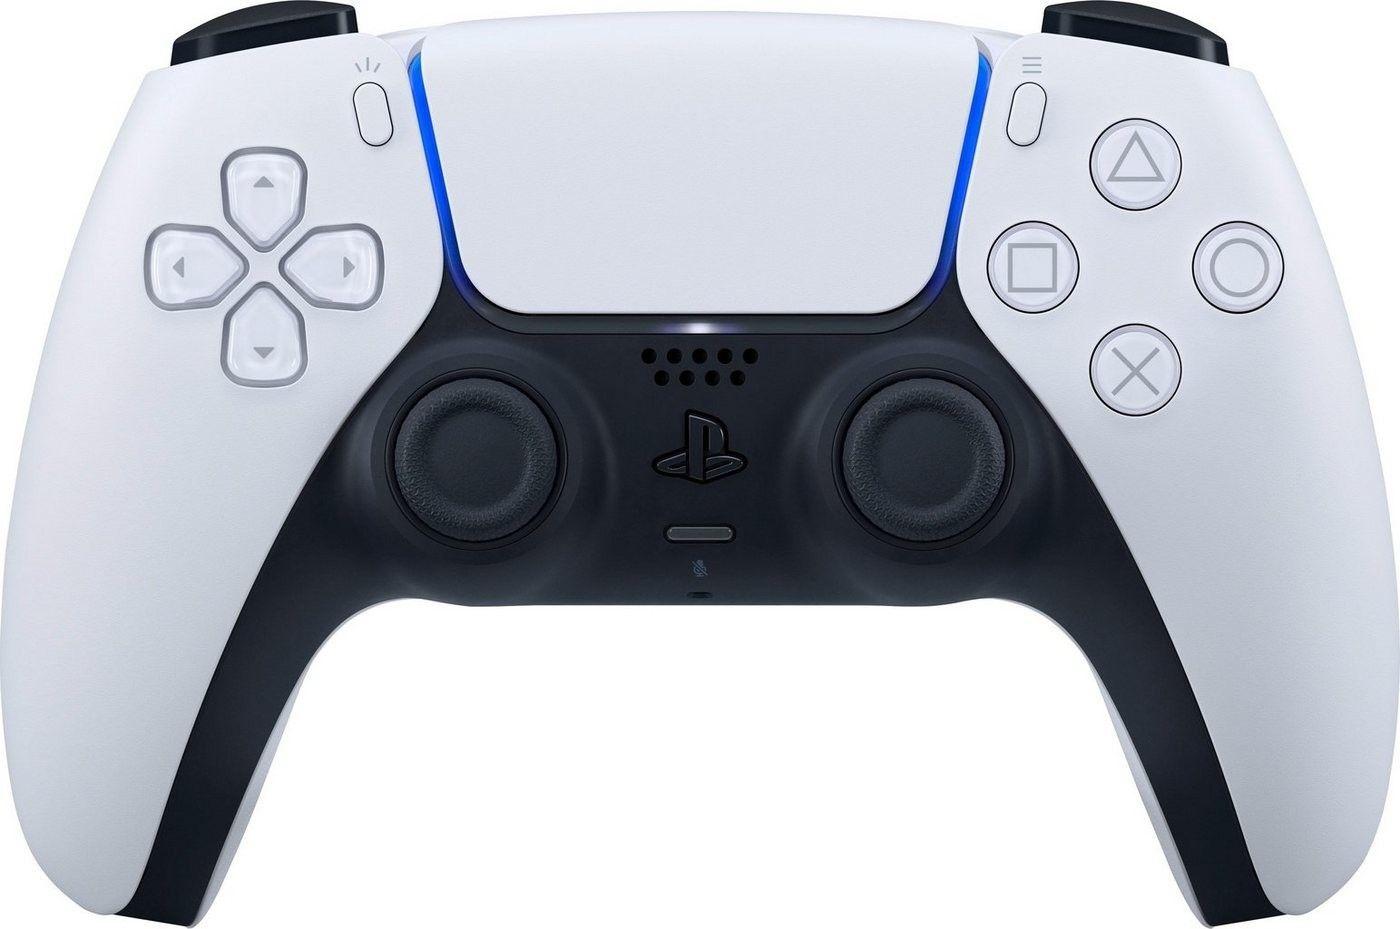 Sony DualSense Wireless Controller [PlayStation 5] (Erstbesteller per App, alternativ für 55,92€ bei El Corte Ingles)